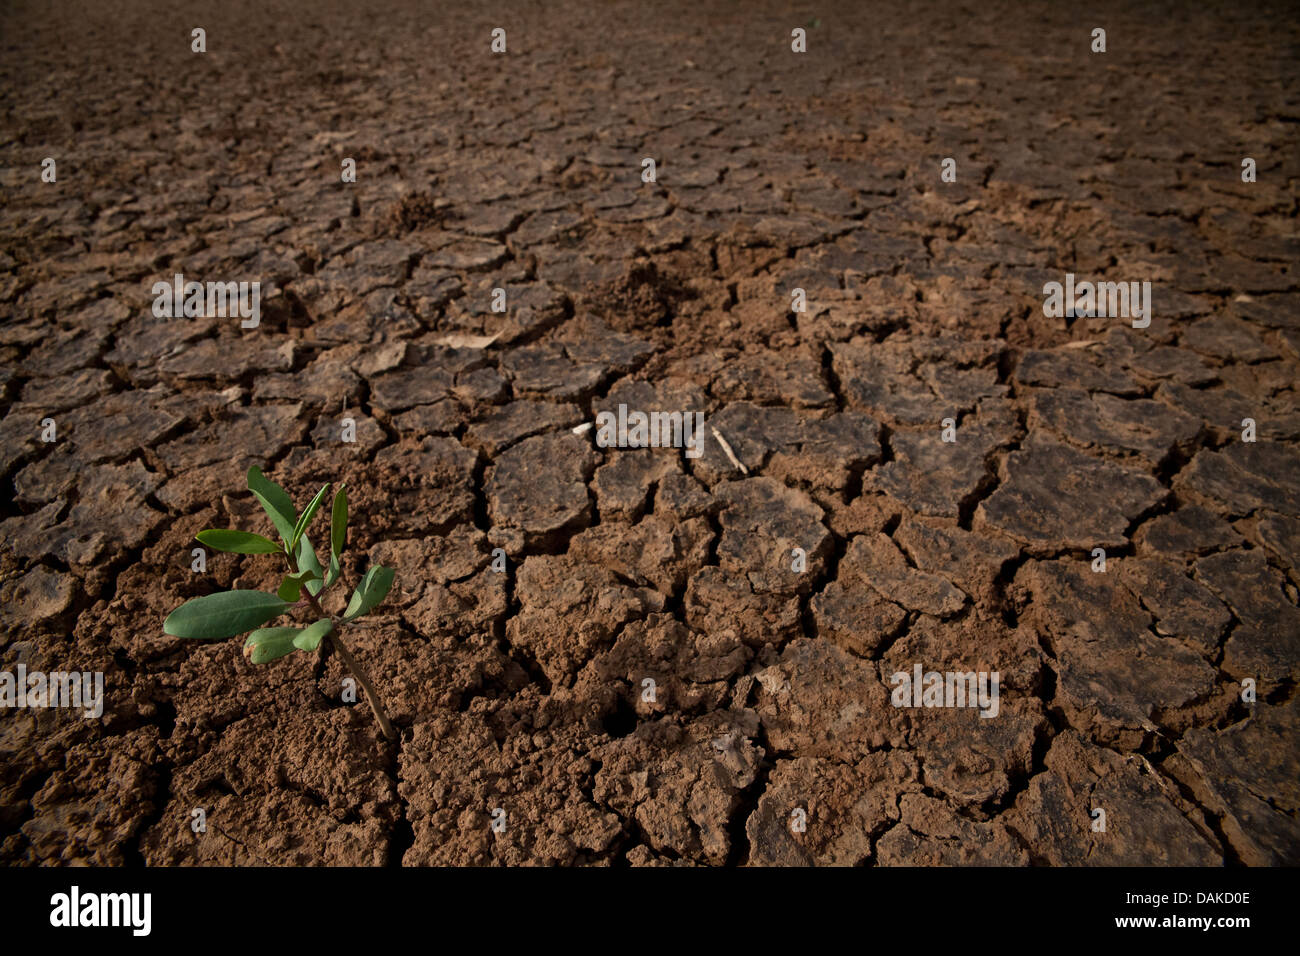 Paysage désertique dans le Parc National de Sarigua, Herrera province, République du Panama. Banque D'Images